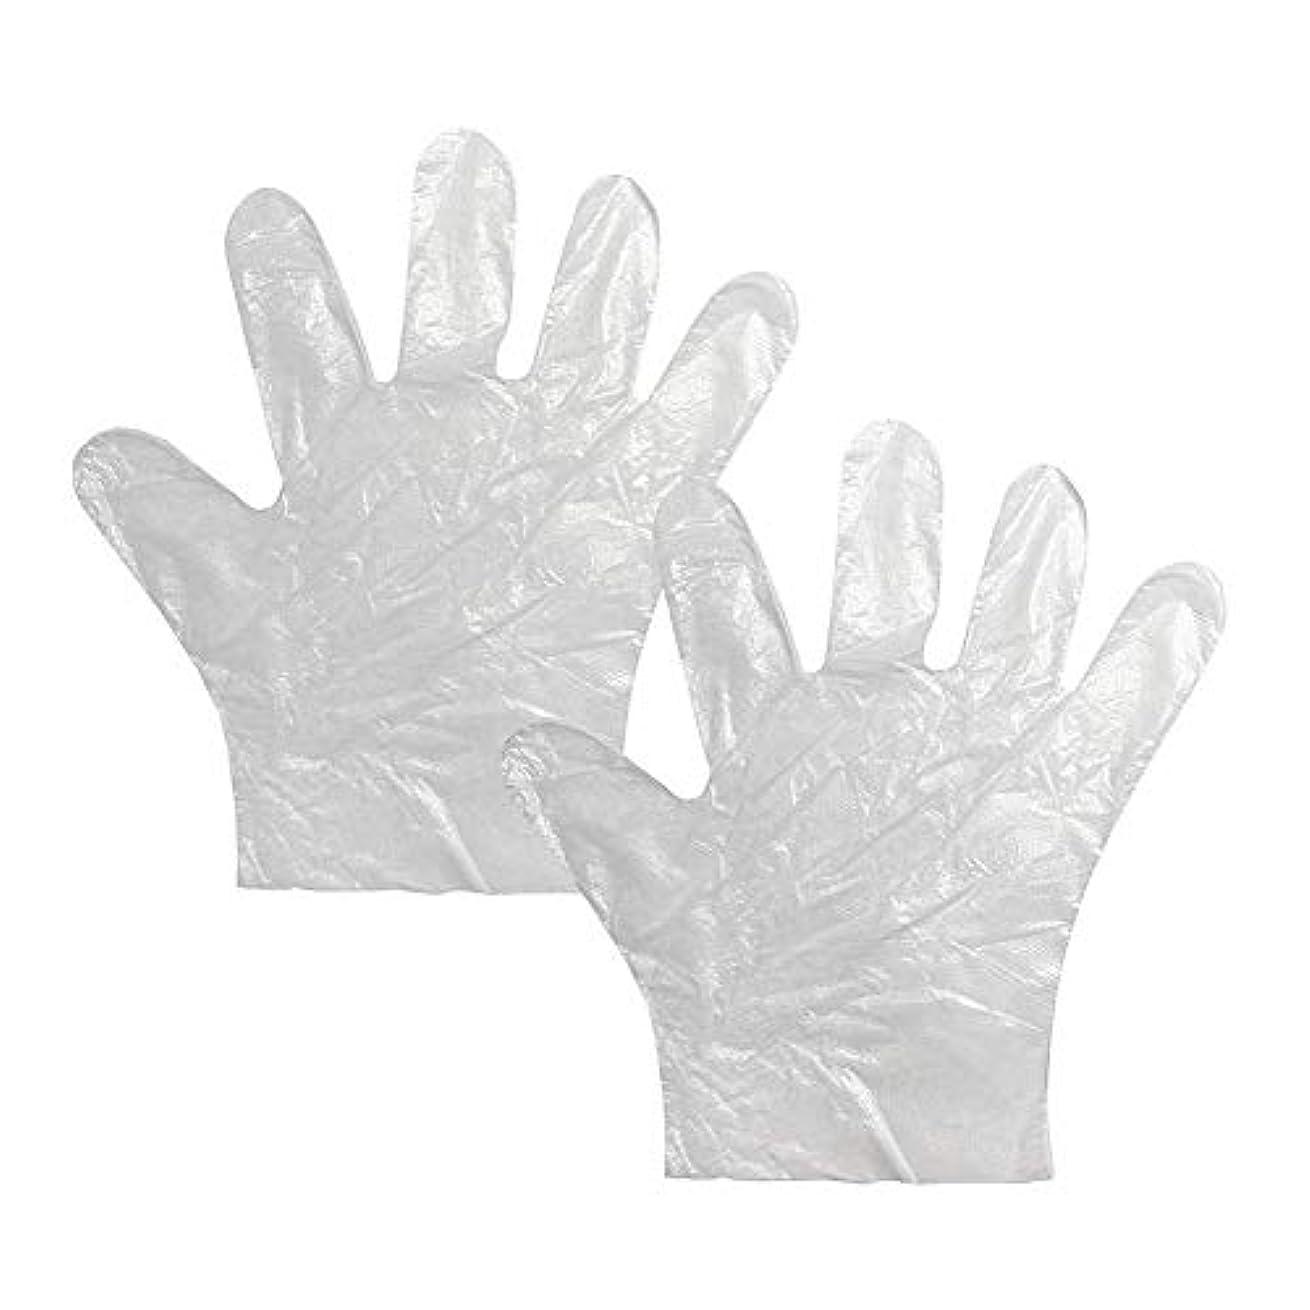 準備ができてくちばし石使い捨て手袋 極薄ビニール手袋 耐久性が強い上に軽く高品質 透明100枚*2セット